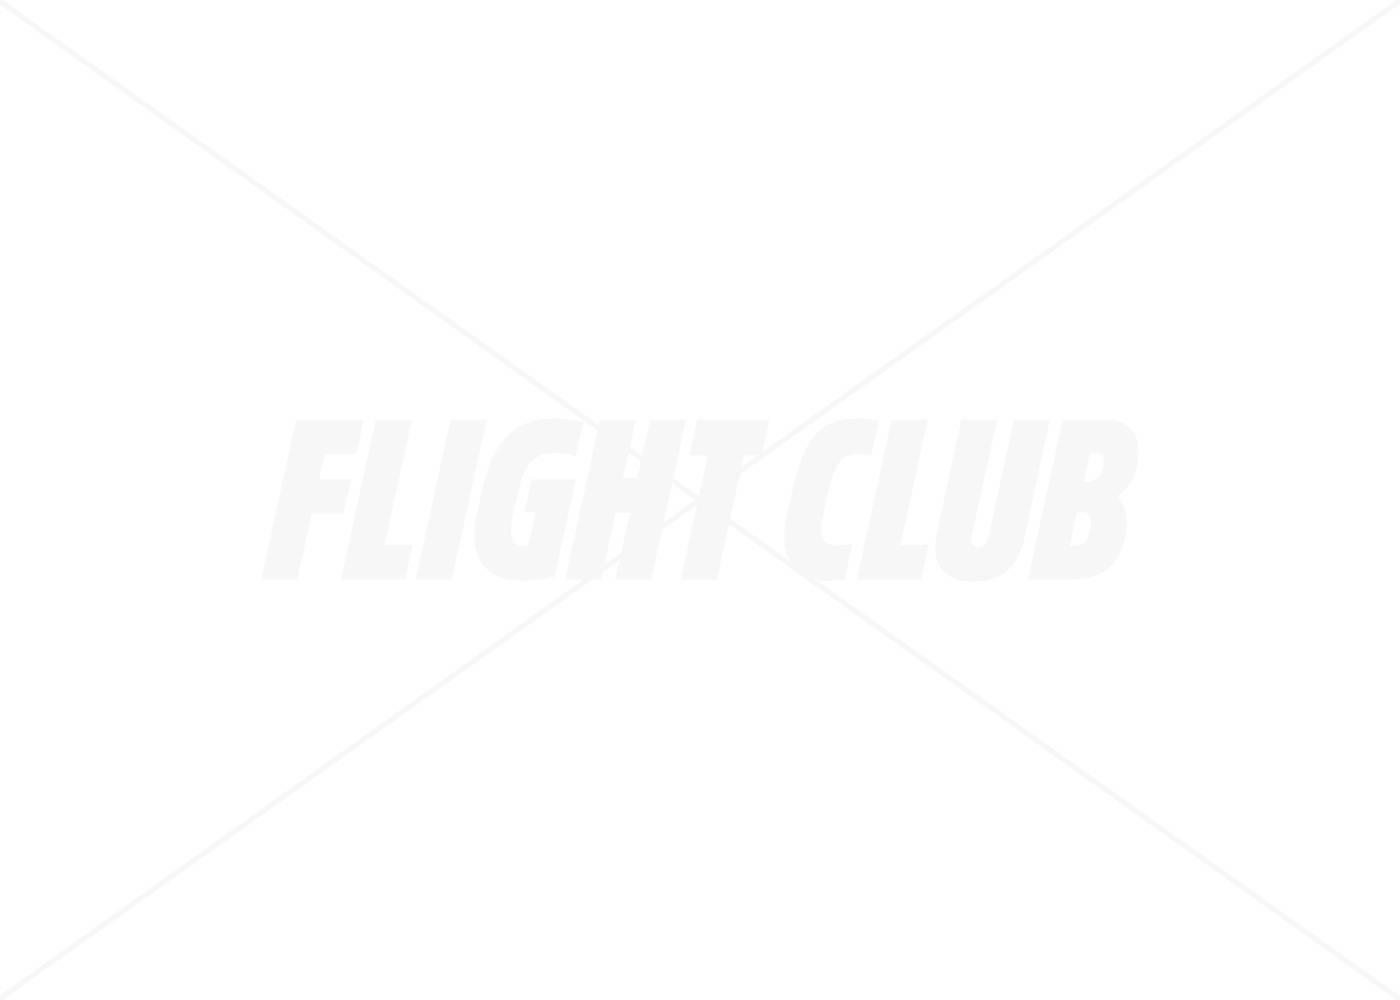 online retailer 24c0f dae05 Air Jordan 1 Retro High Prem